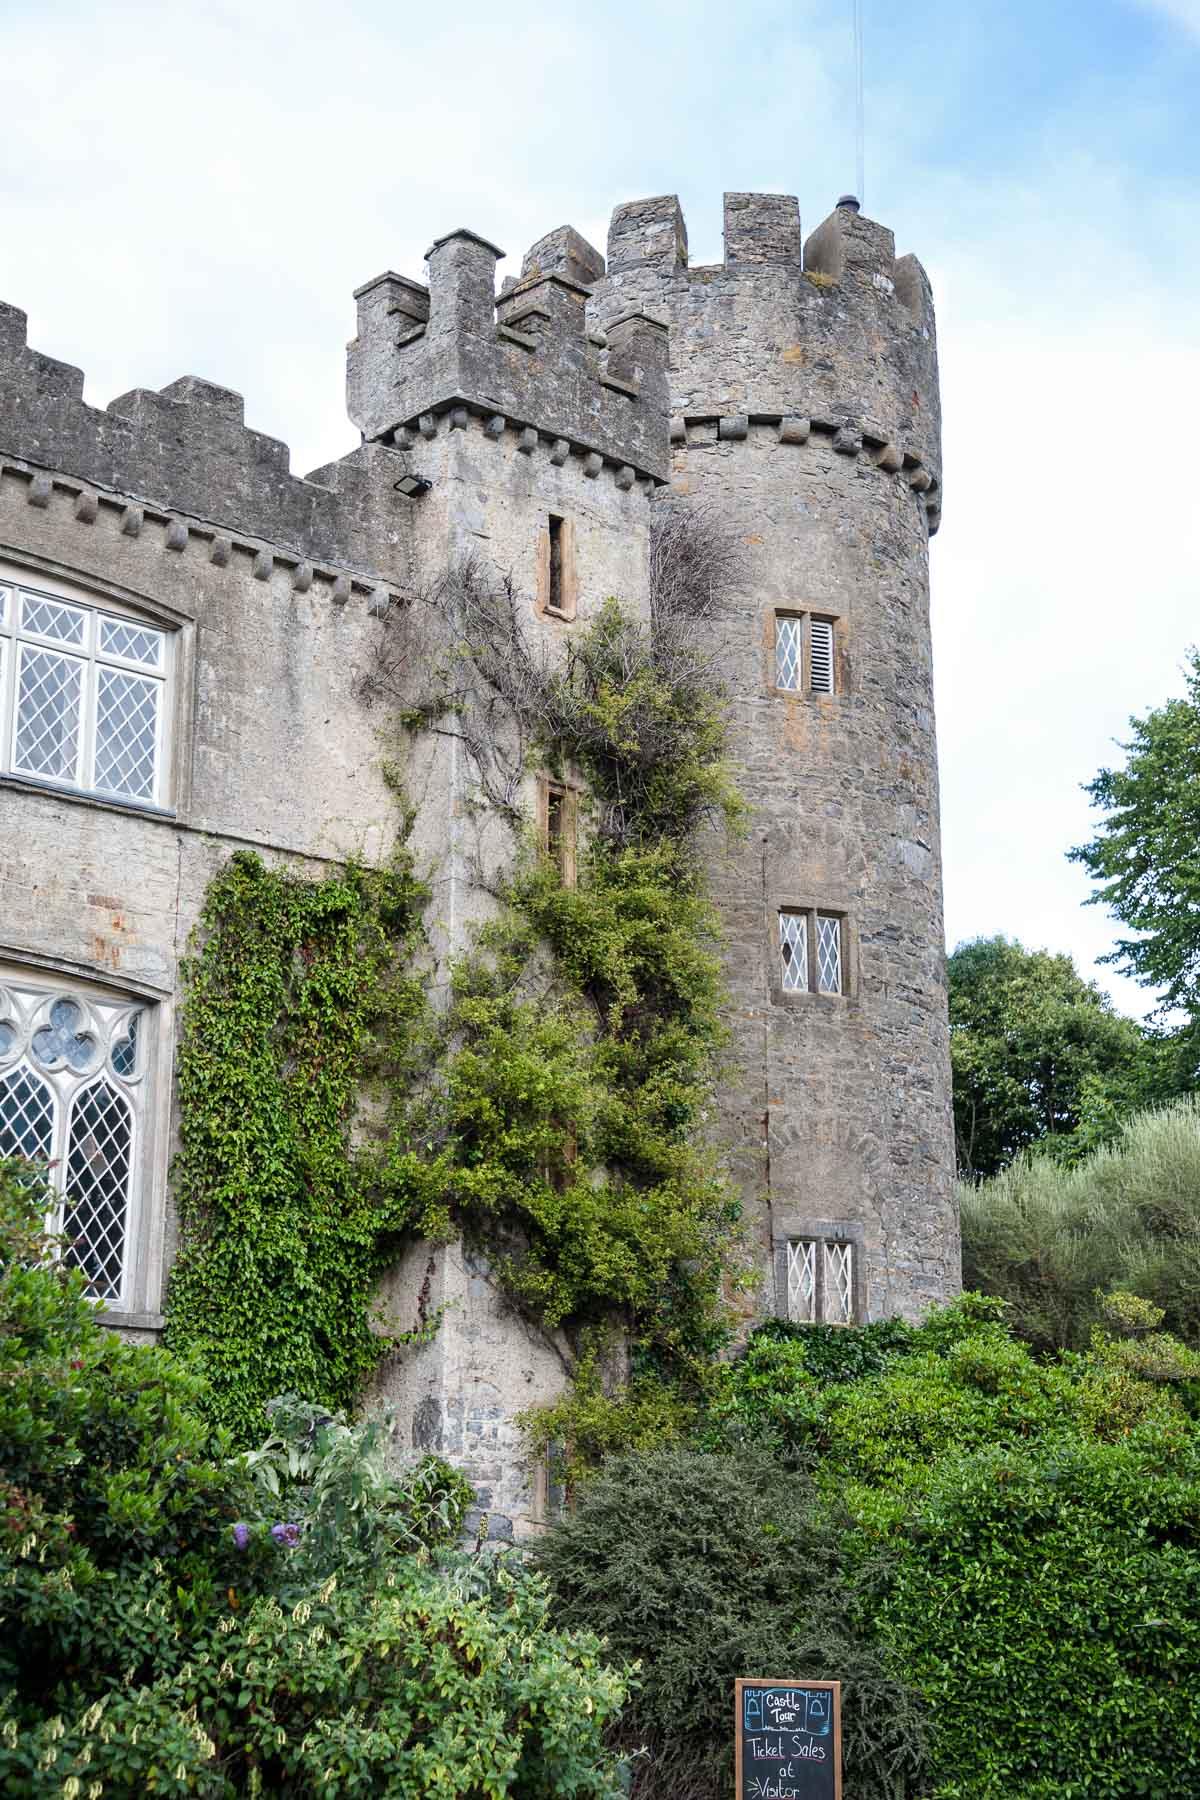 Photo of the side of Malahide castle in Malahide, Ireland